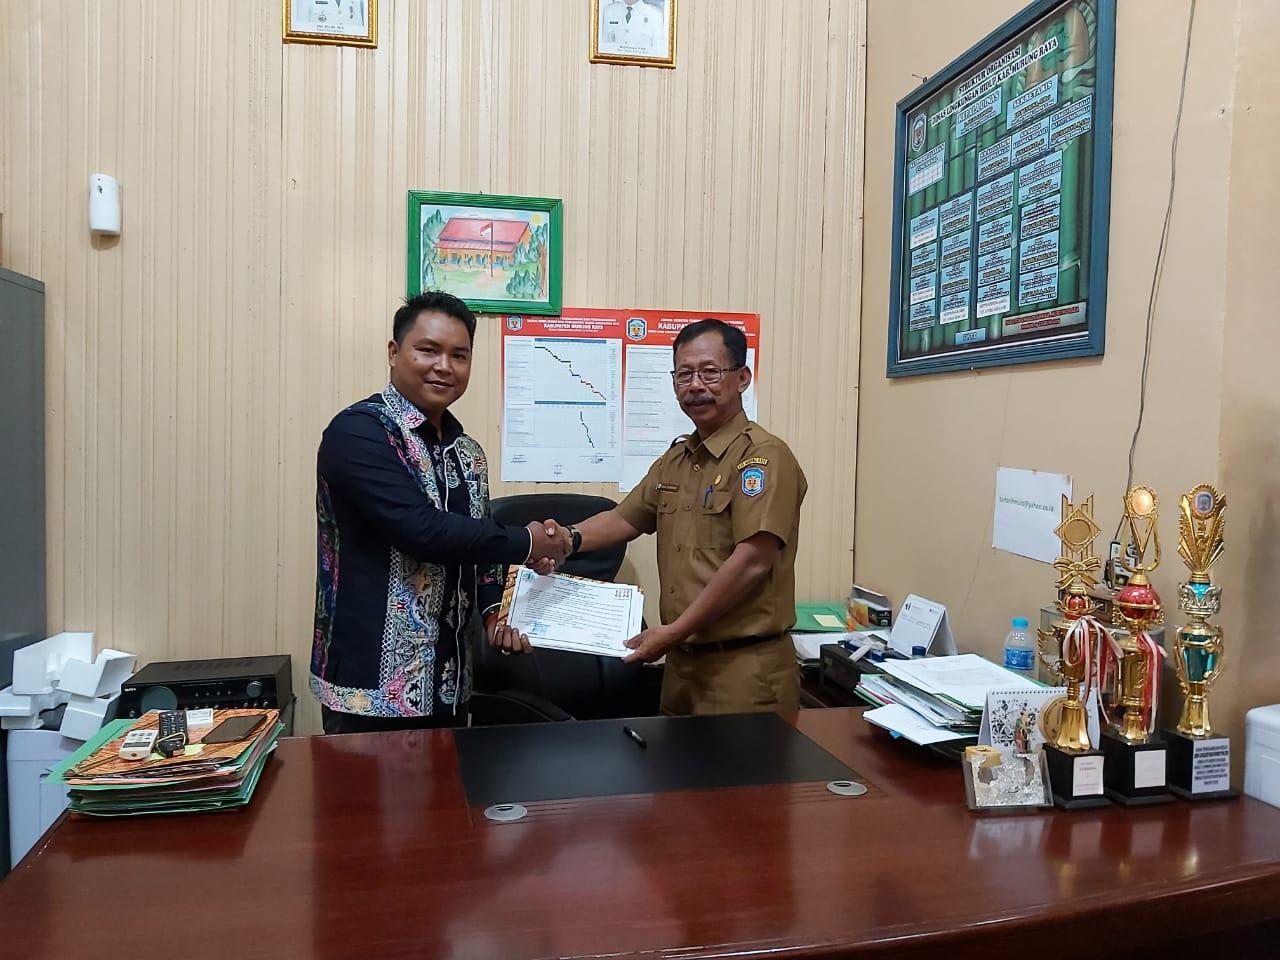 Kesepahaman Kerjasama Aliansi Masyarakat Adat Nusantara(AMAN)Dengan Dinas Lingkungan Hidup (DLH) Berjalan Dengan Baik.